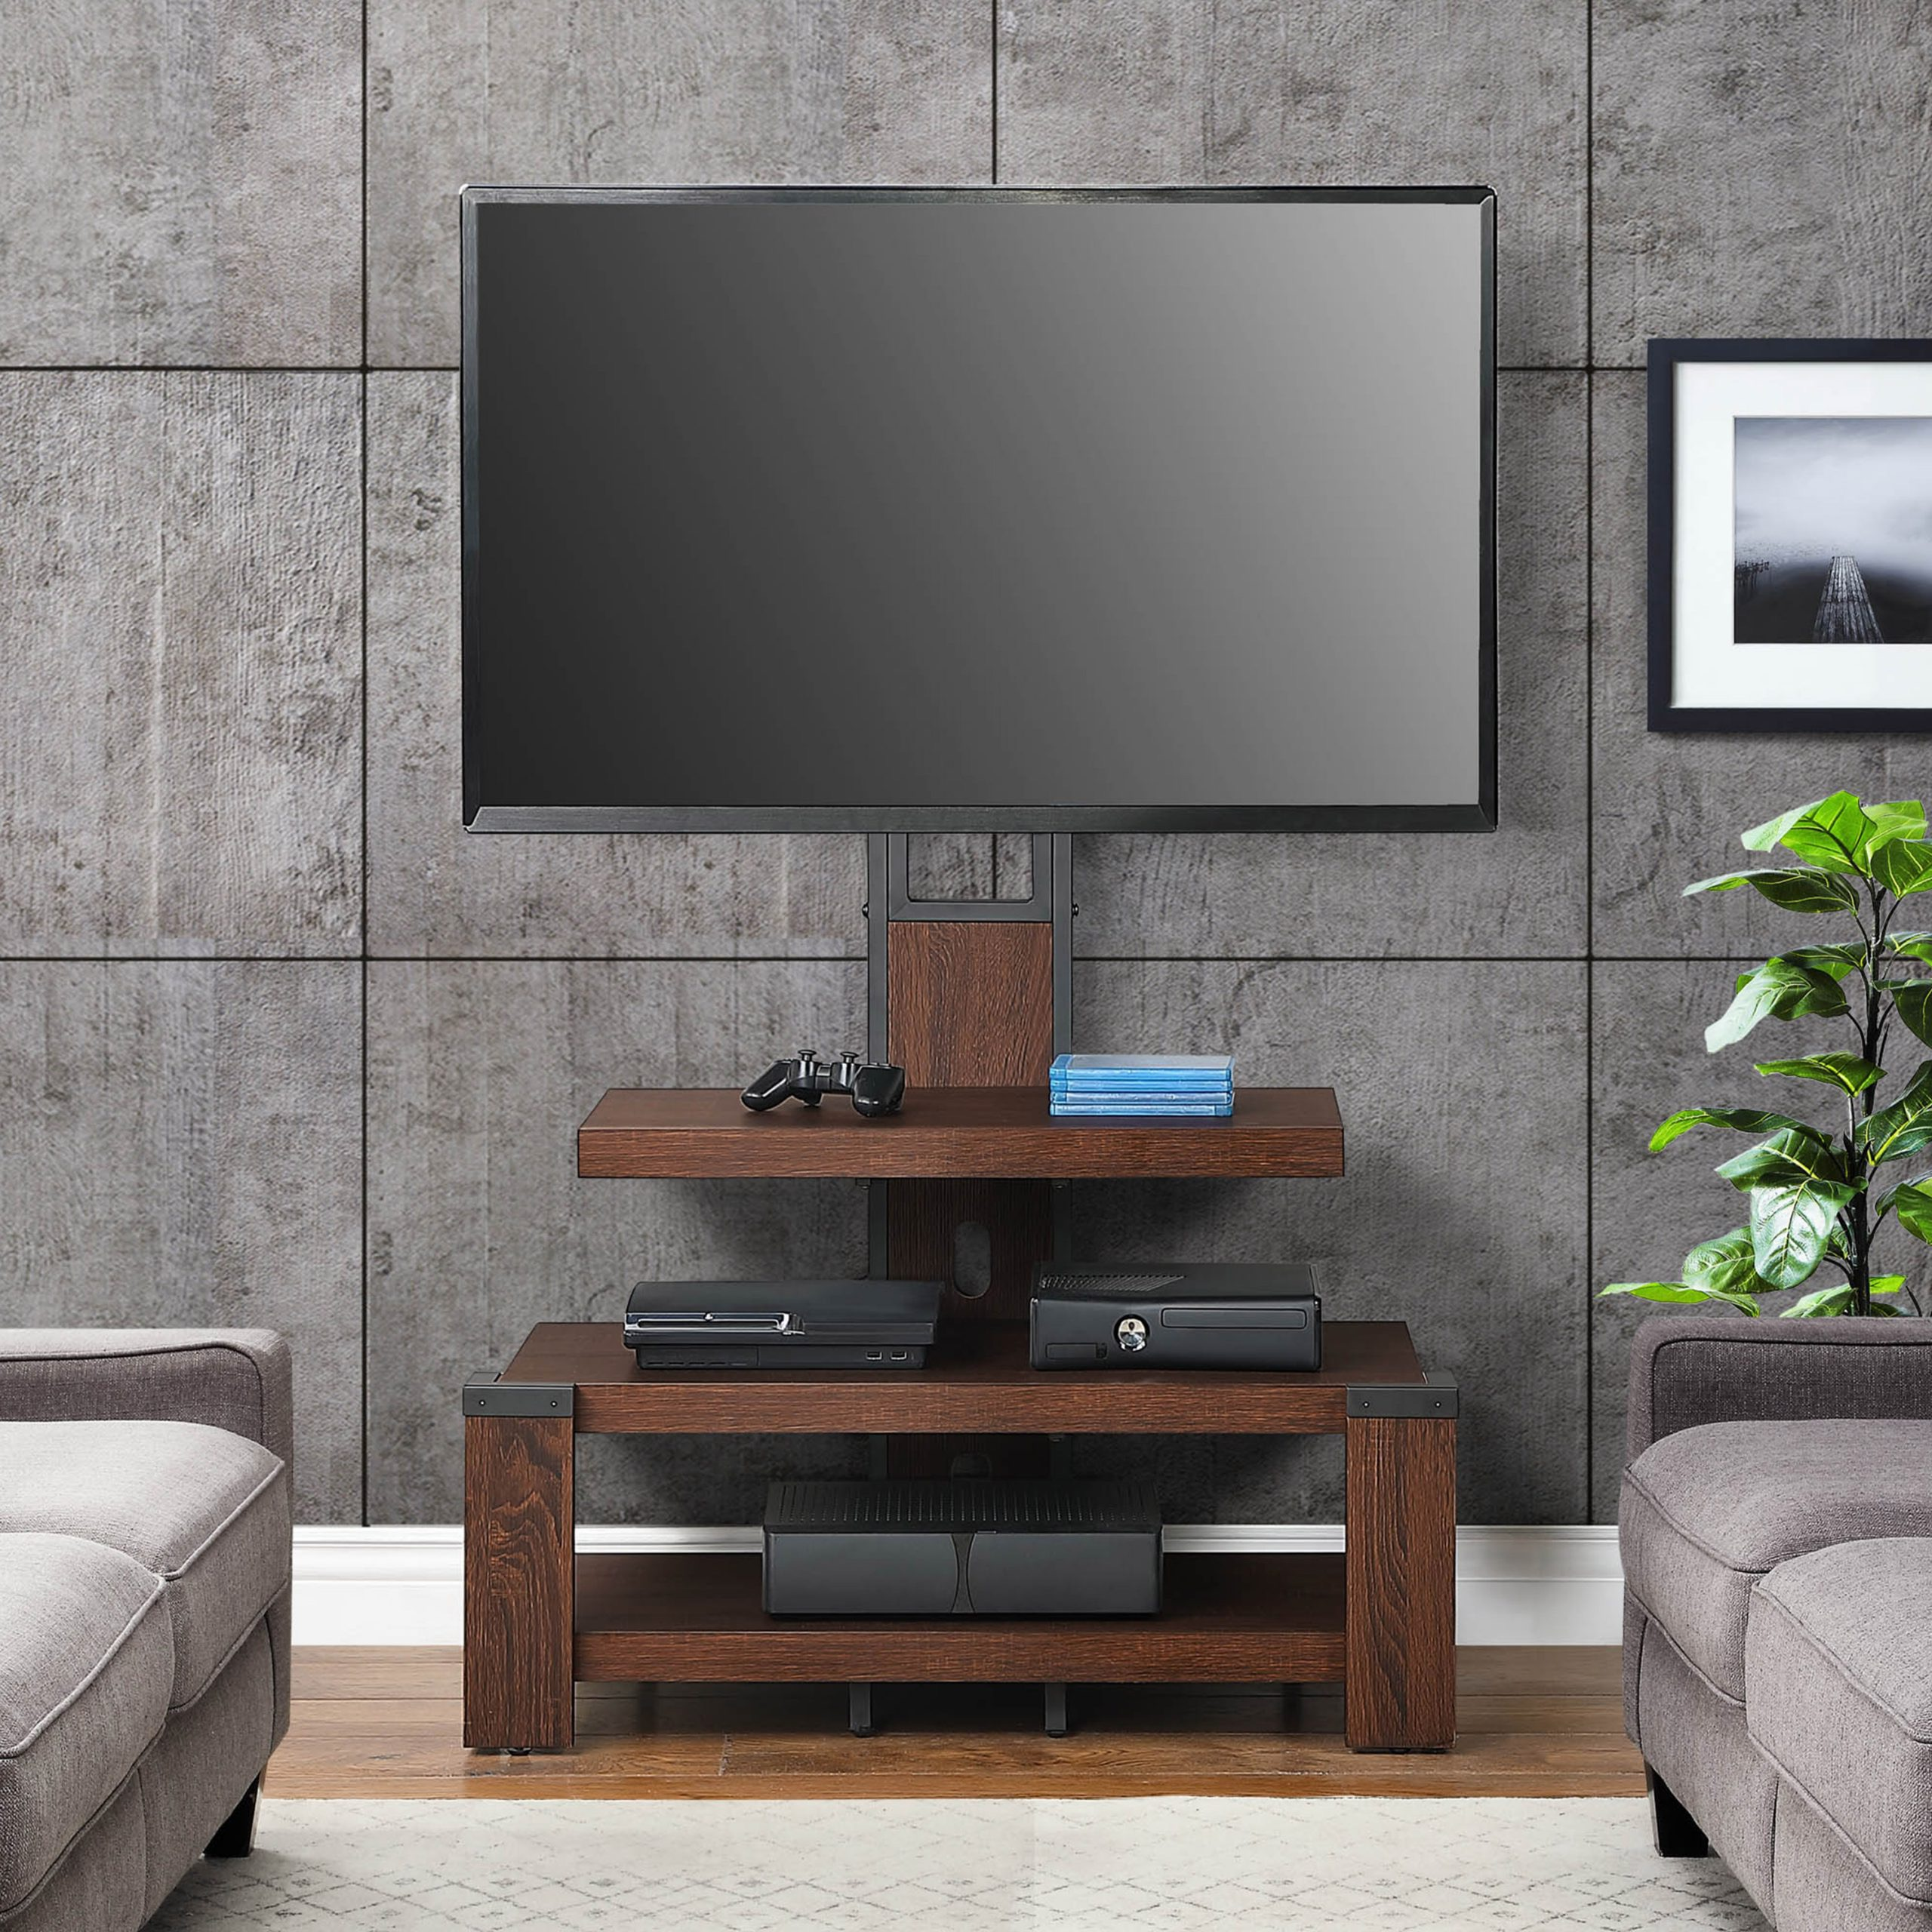 Wooden Whalen Shelf Tv Stands (View 4 of 6)